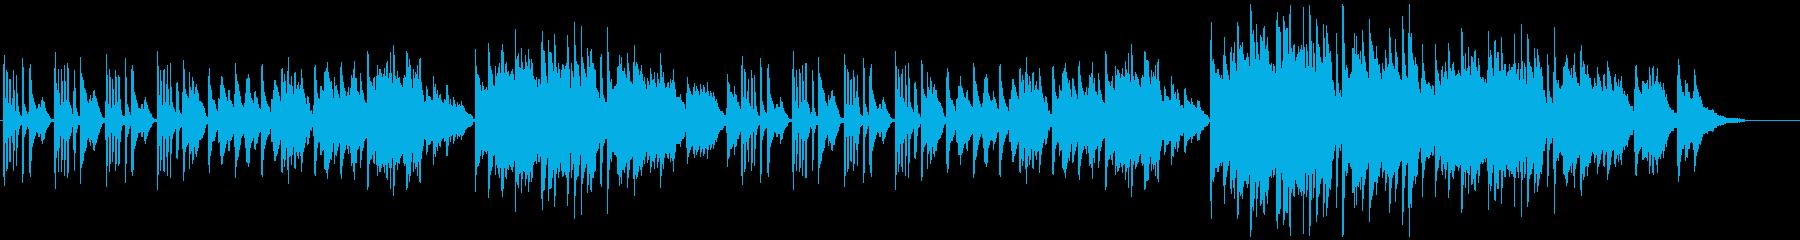 上品で穏やかな皇室用ピアノ曲bの再生済みの波形